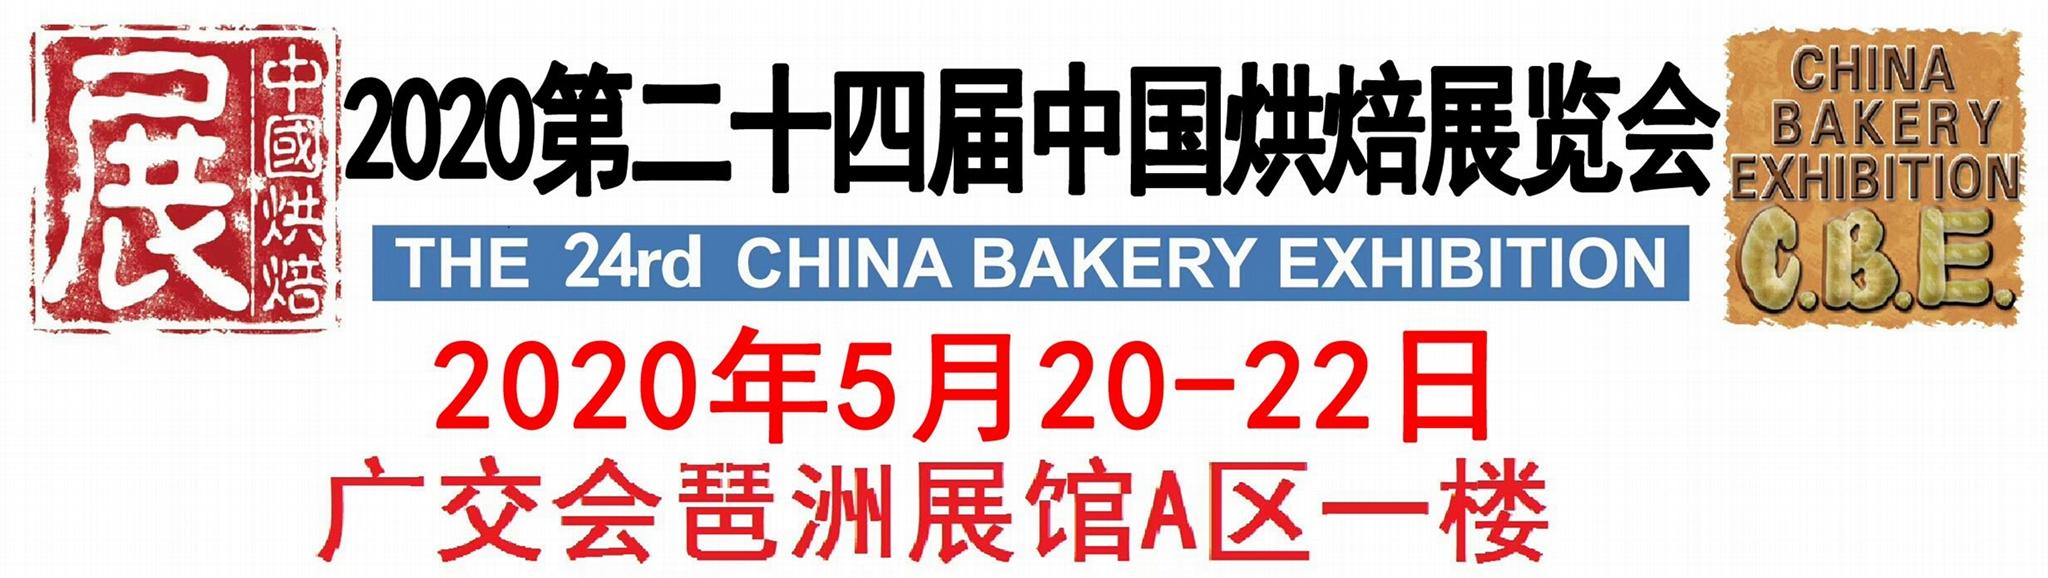 2020.5.20-22广州烘焙展览会_广交会展馆A区 4